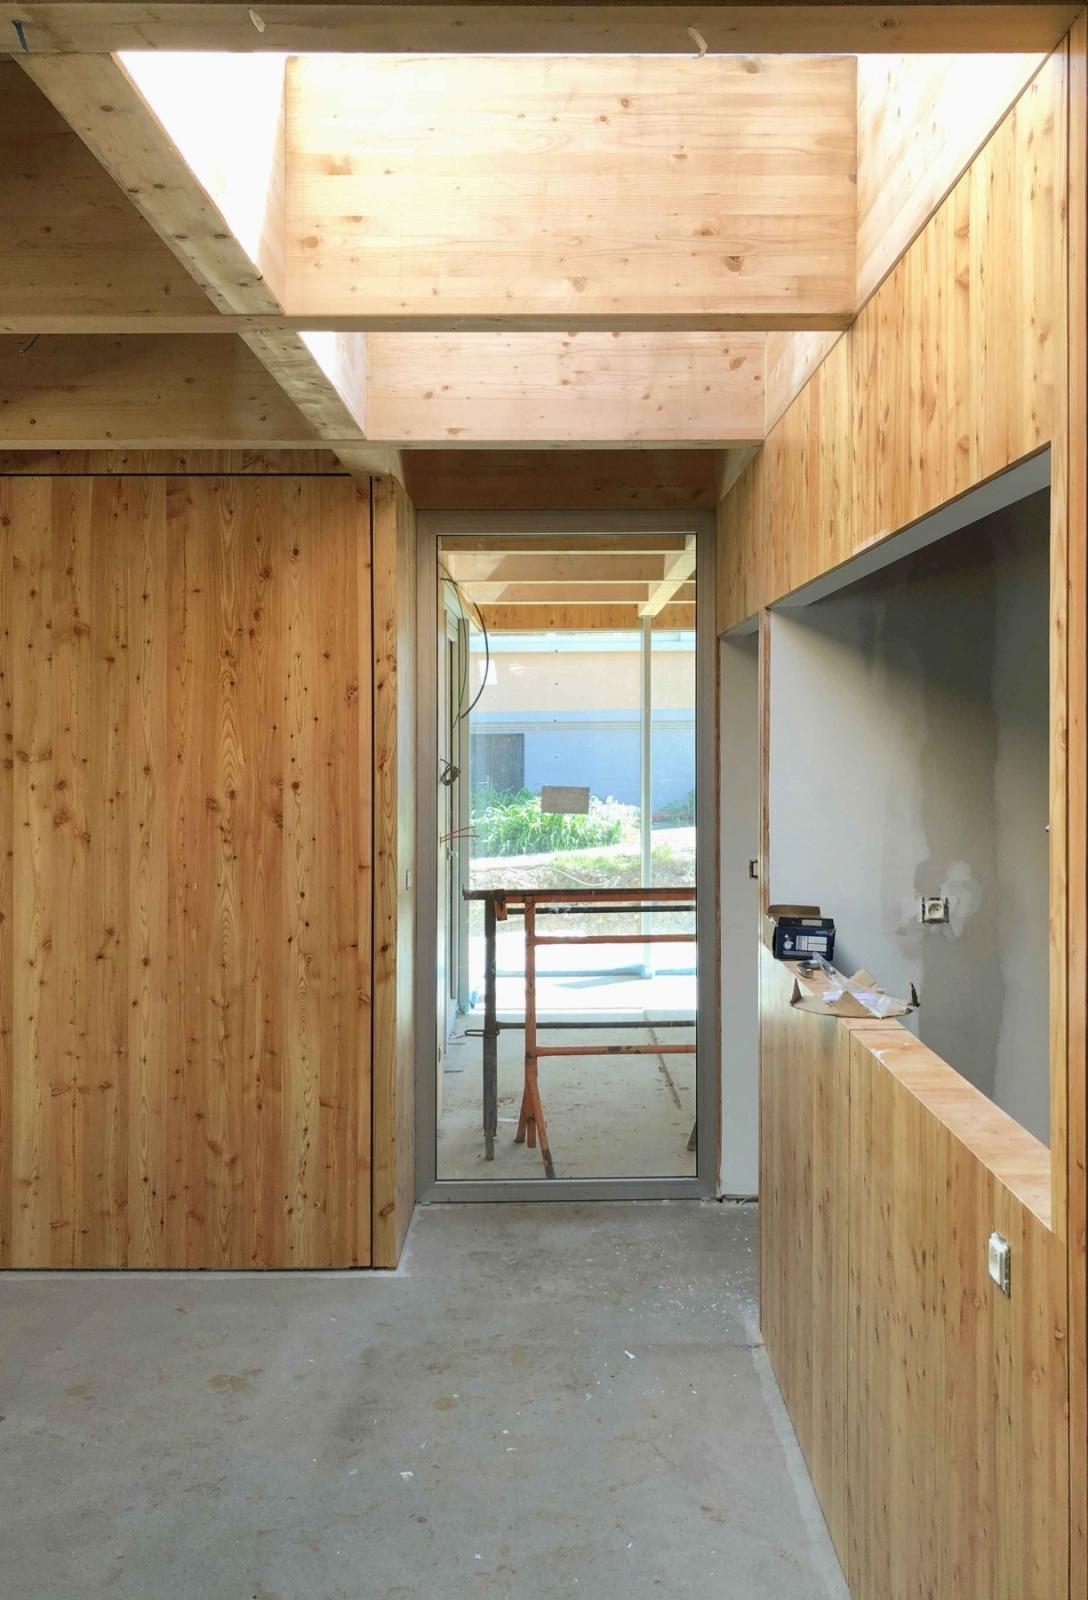 069_Photo-chantier-structure_WEB